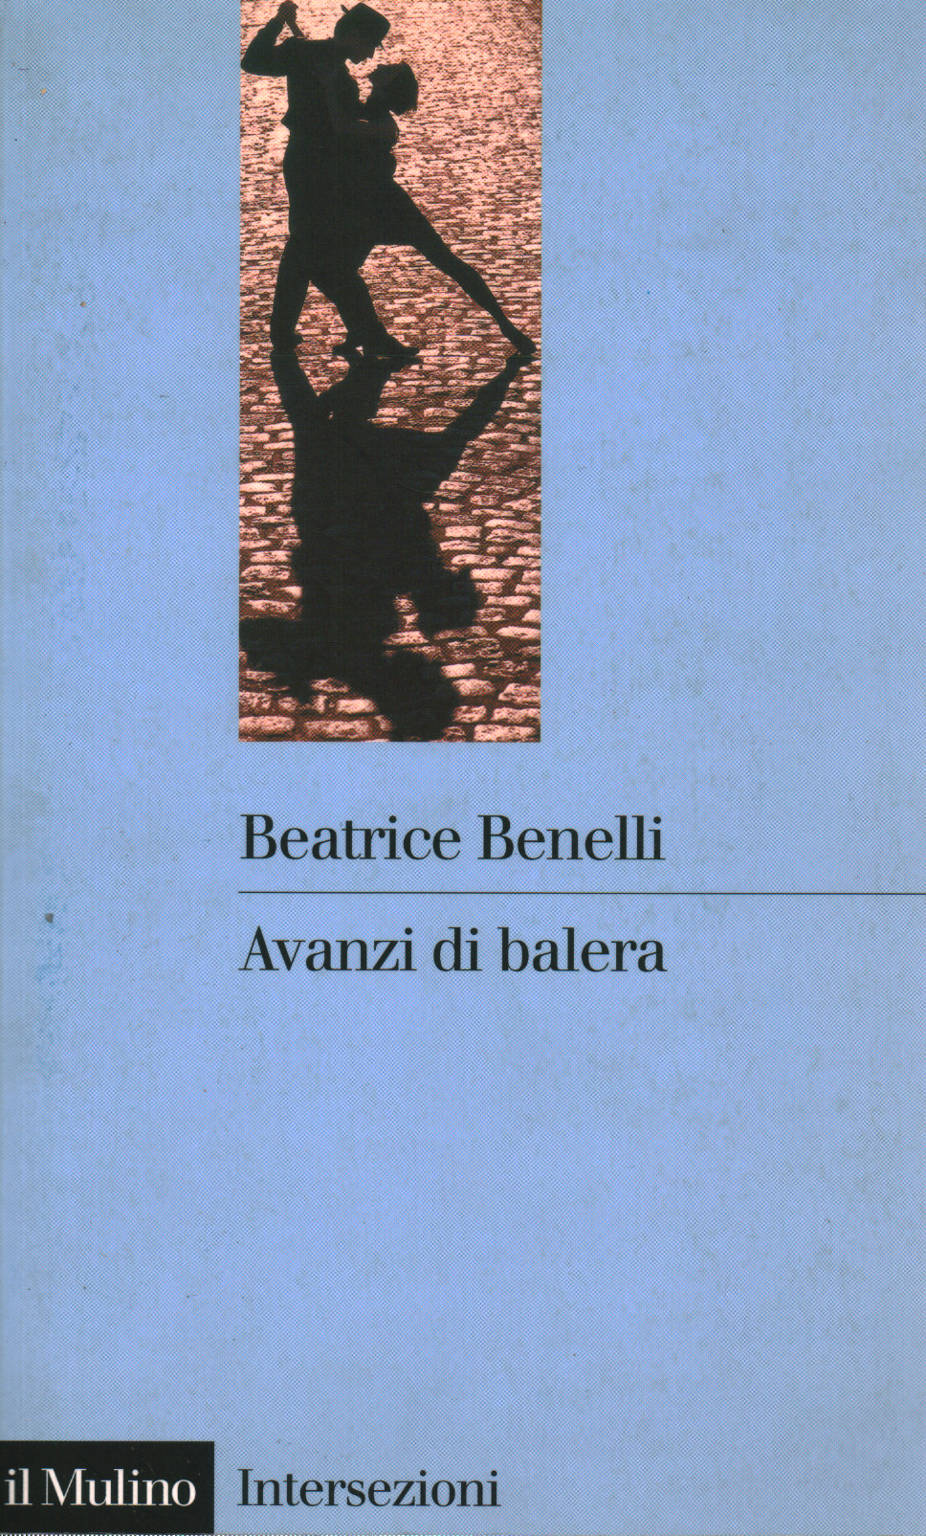 Schrott, tanzlokal - Beatrice Benelli - Psychologie - Die ...